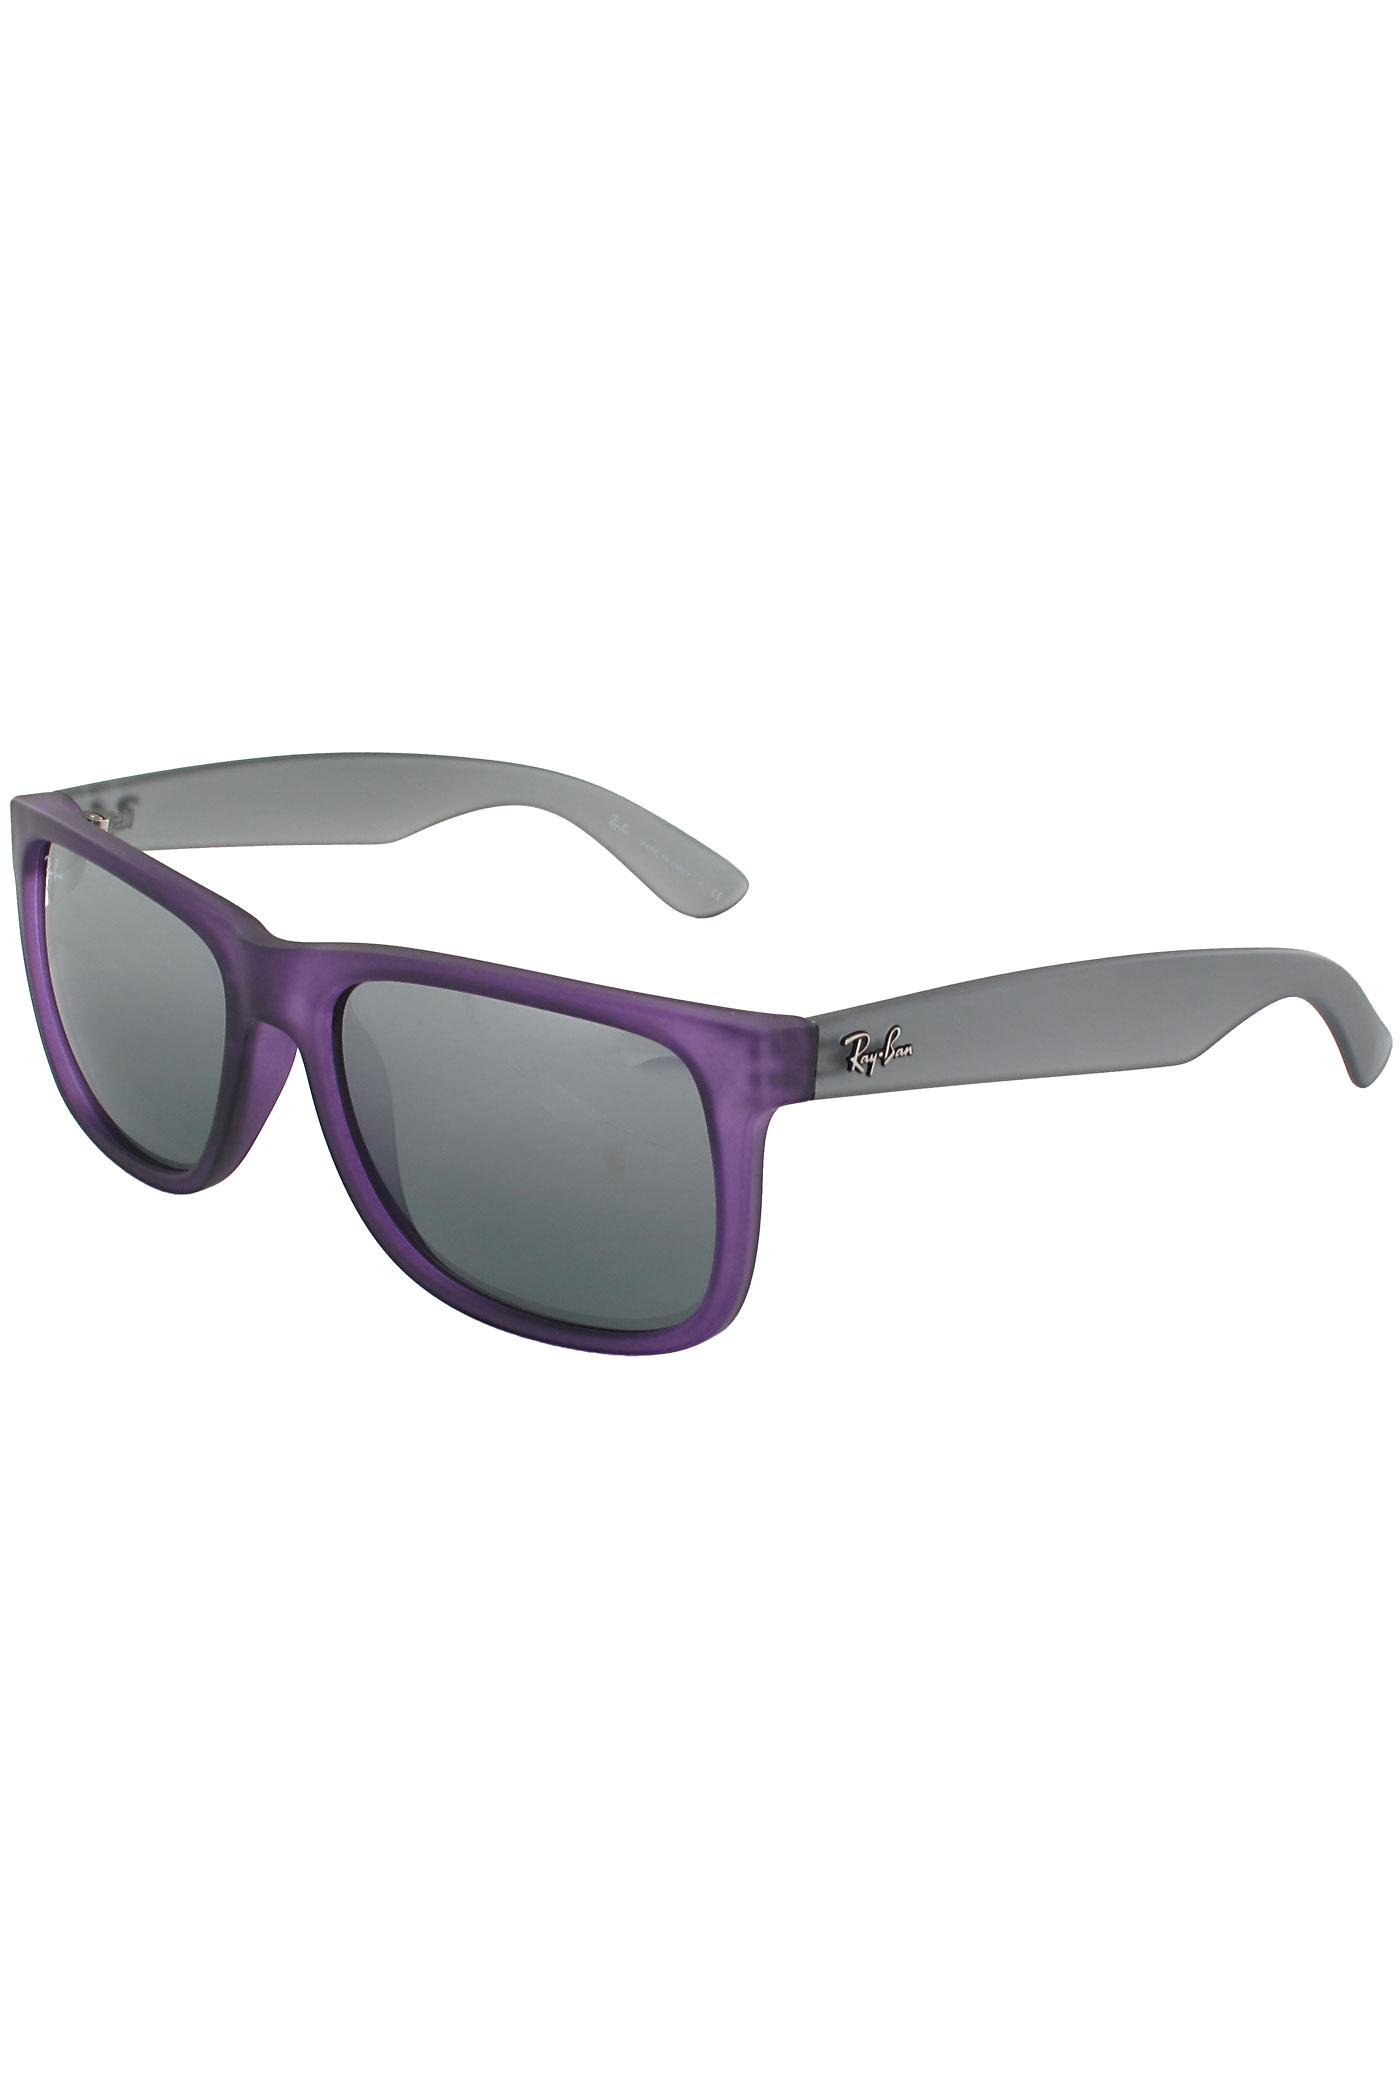 0dfff00eb2049 Fake Ray Ban Justin Sunglasses